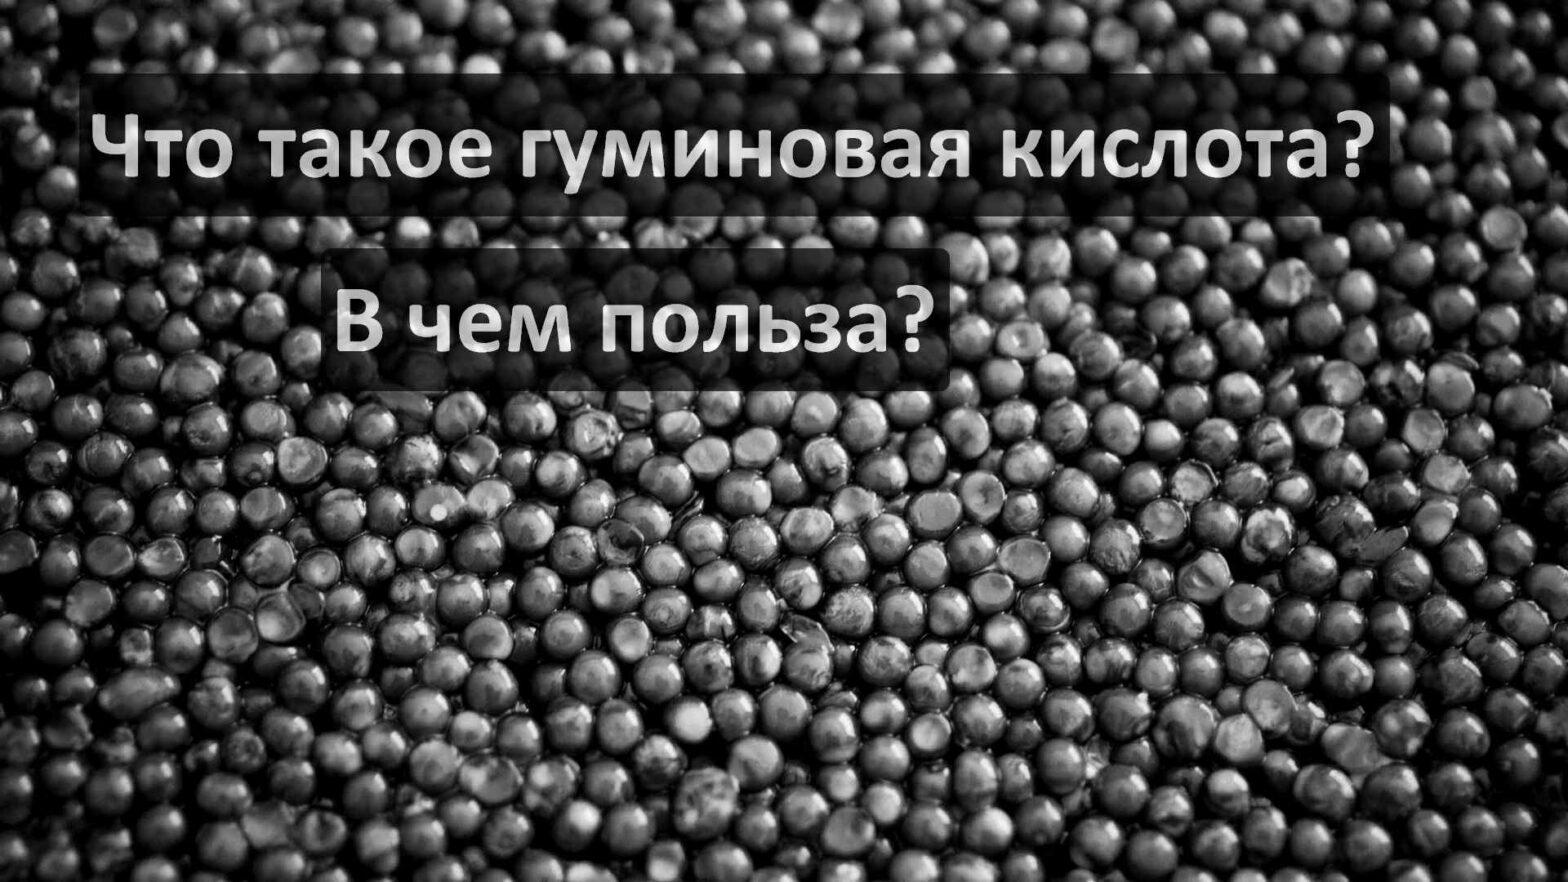 Что такое гуминовая кислота? В чем польза?